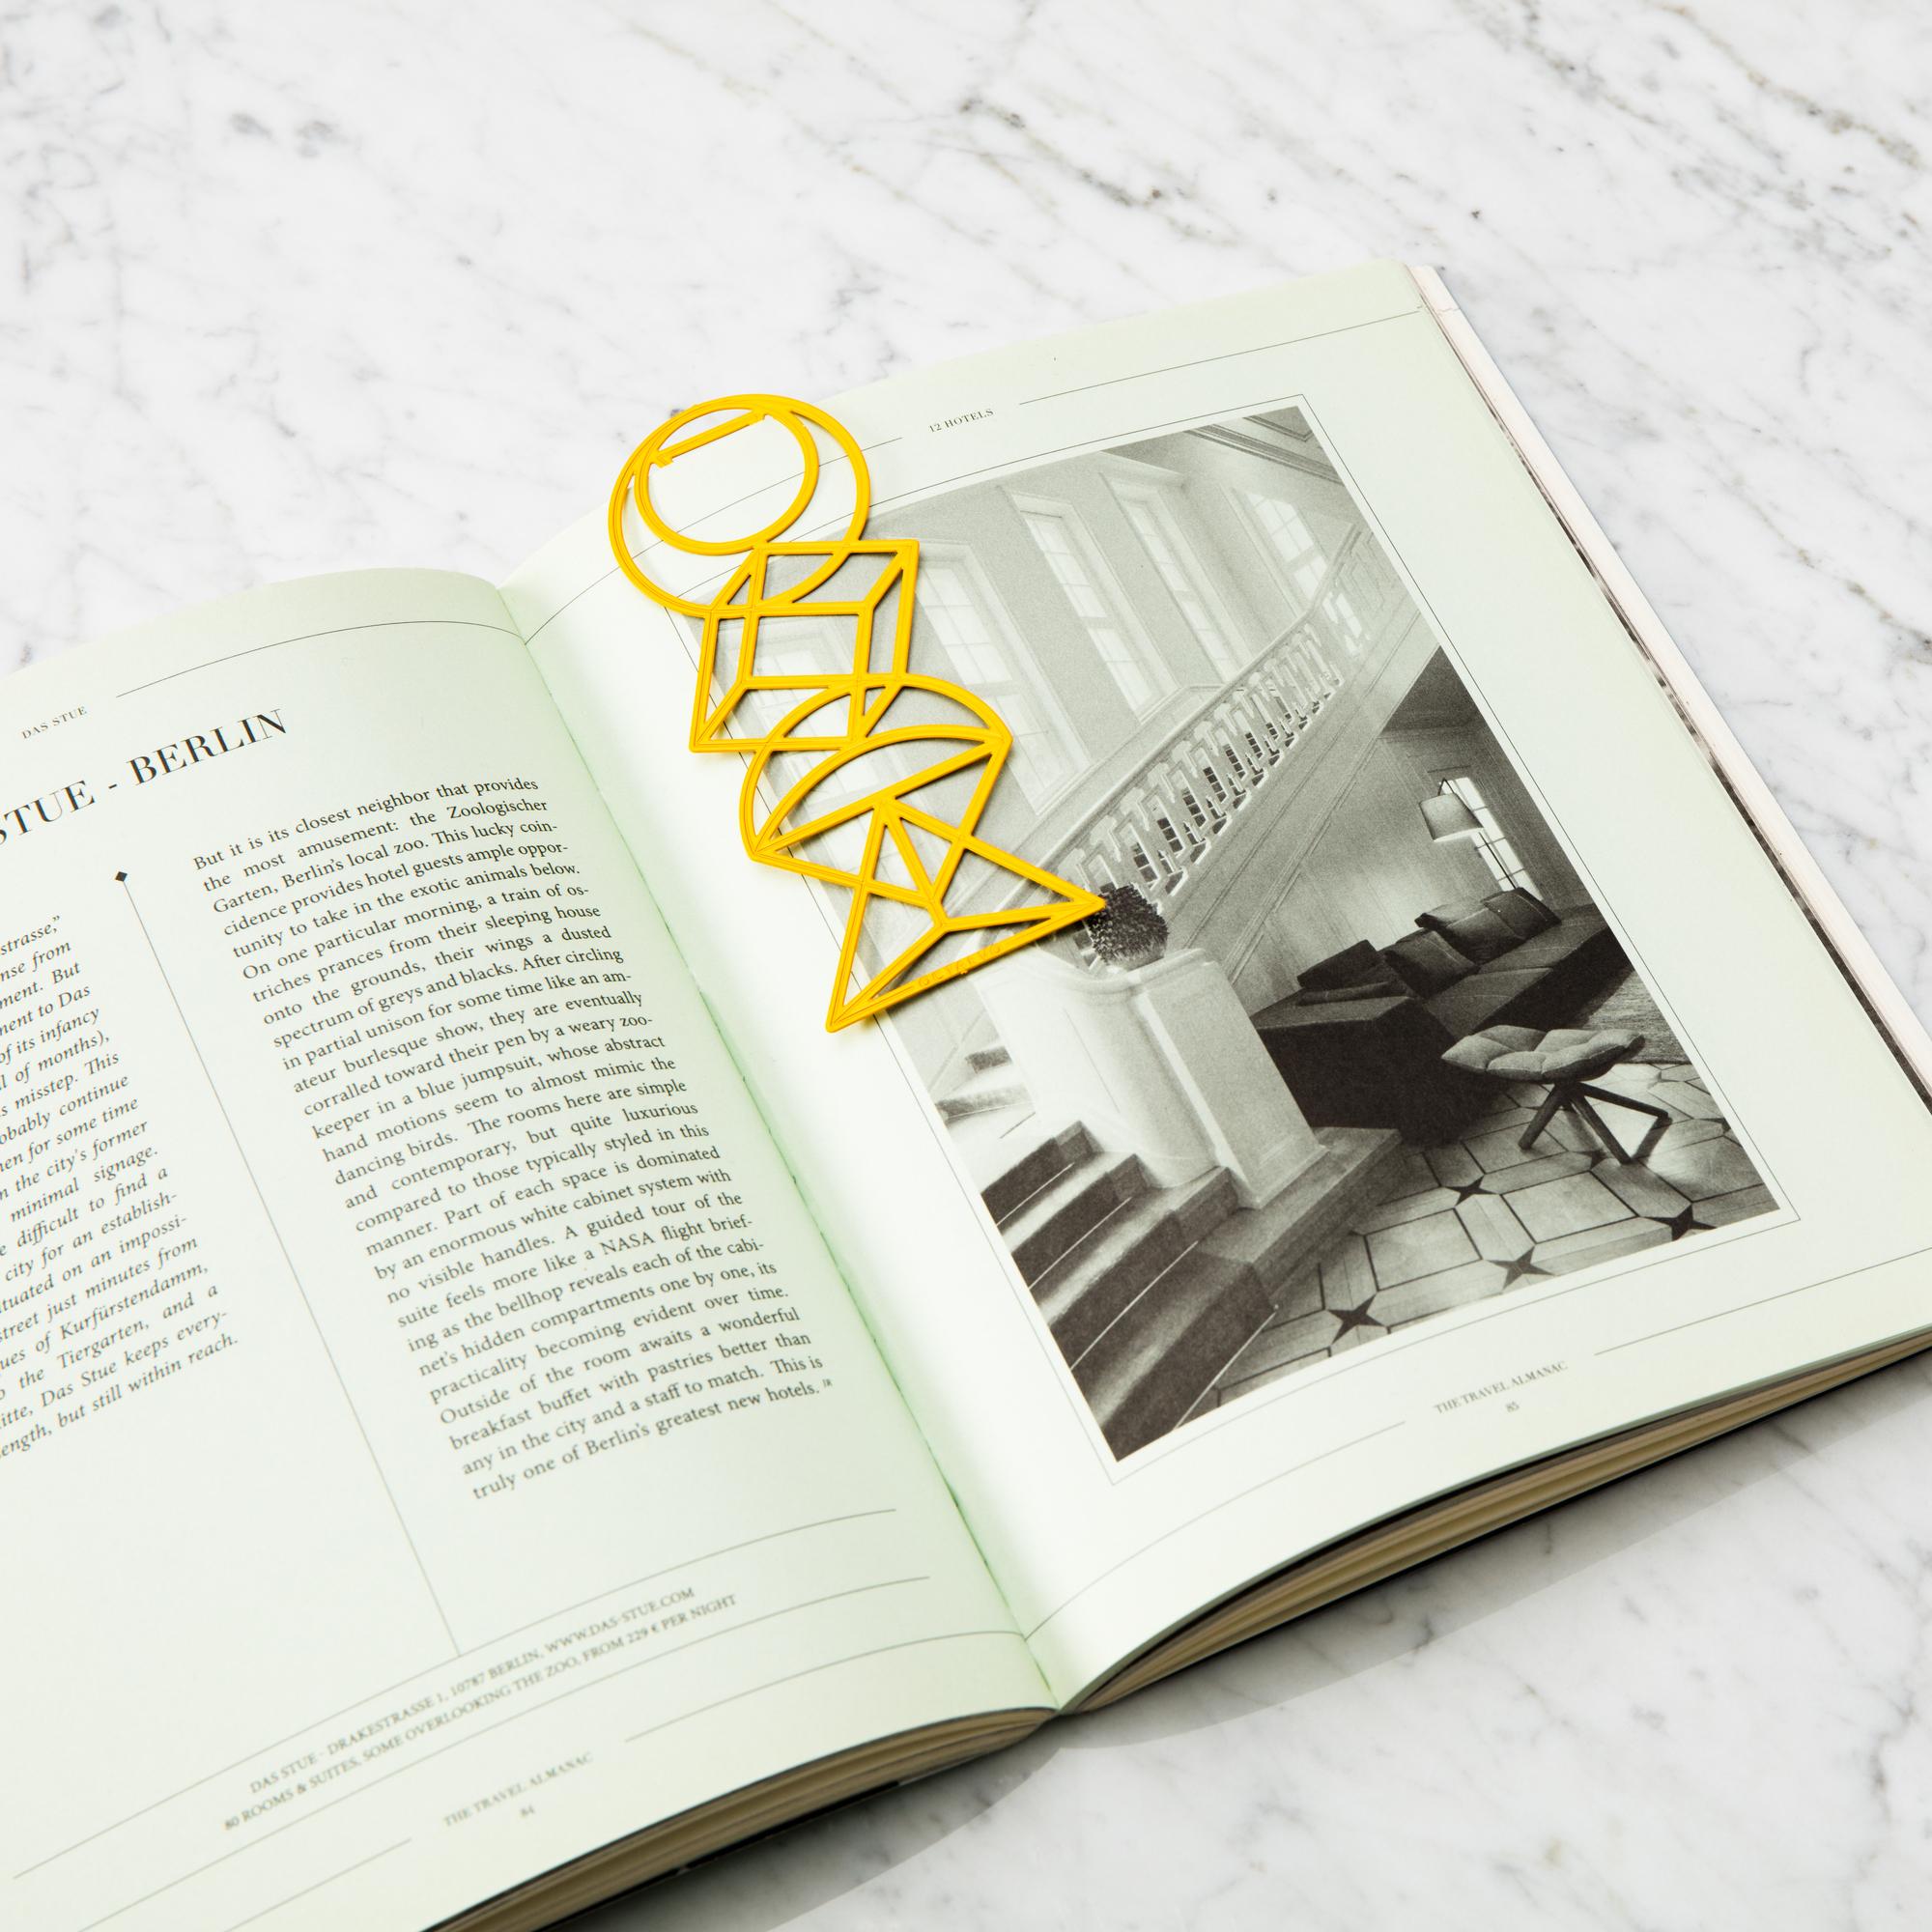 Euclid signet jaune Octaevo